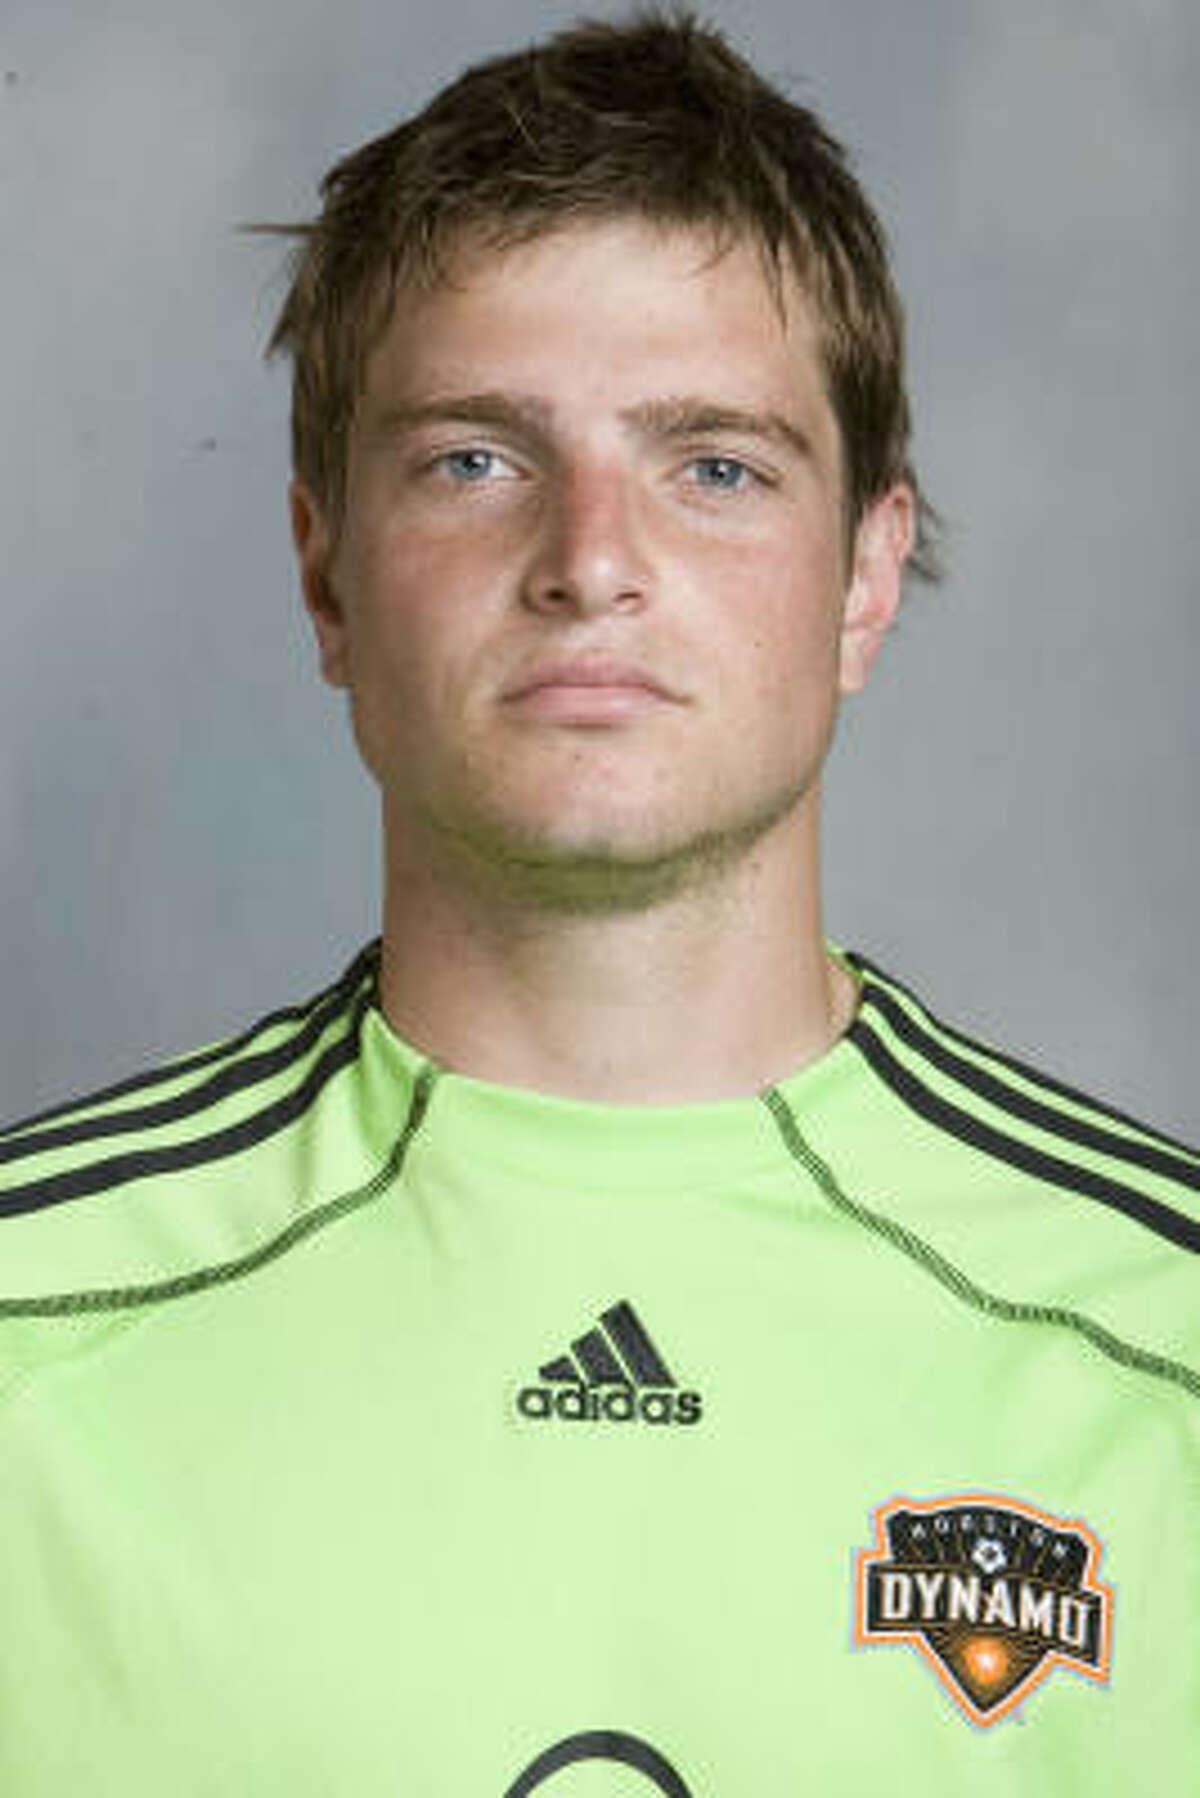 Tyler Deric, joven portero del Dynamo que se formó en Klein, al norte de Houston.